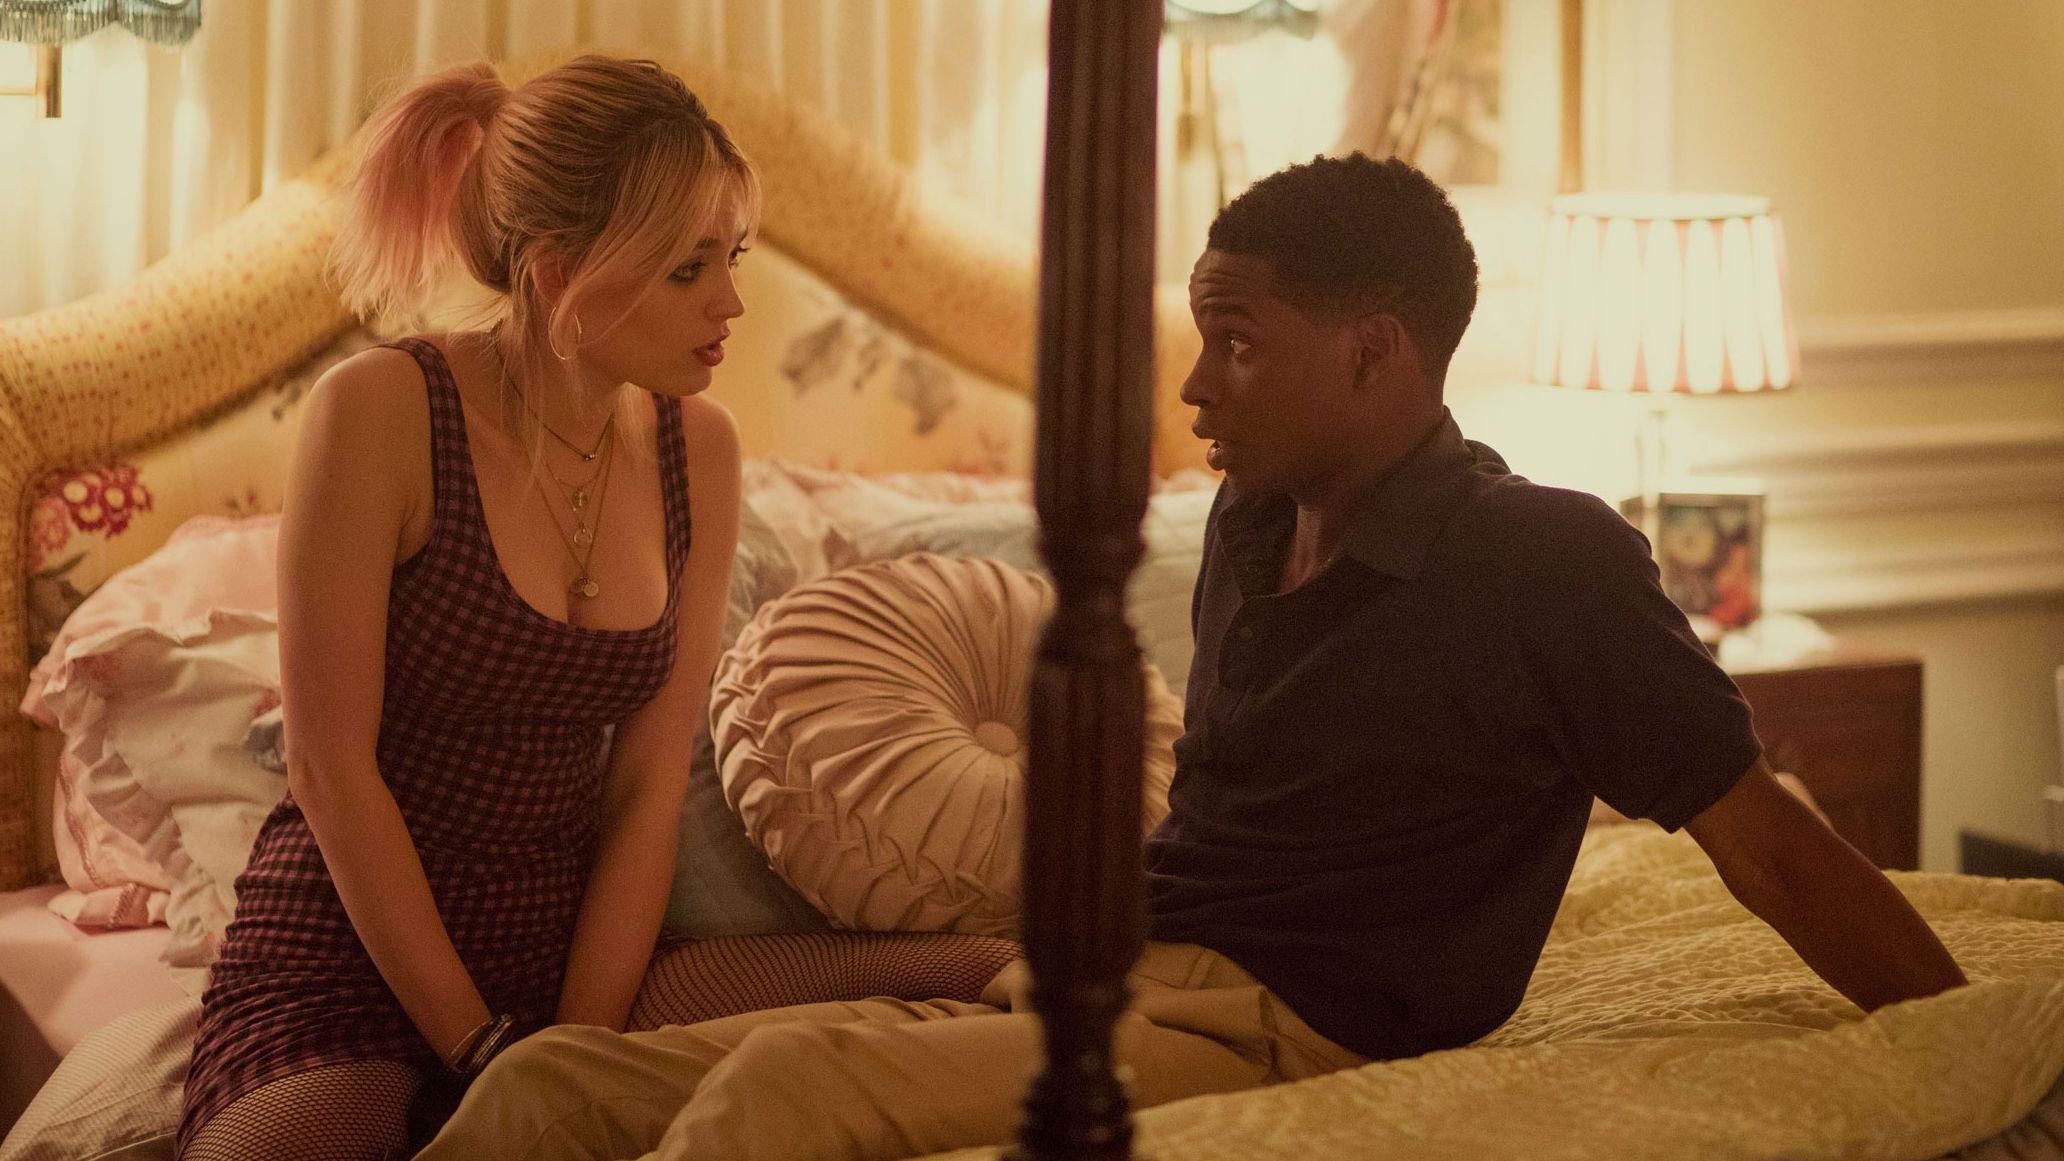 Zwei Darsteller aus der Serie Sex Education unterhalten sich auf dem Bett.